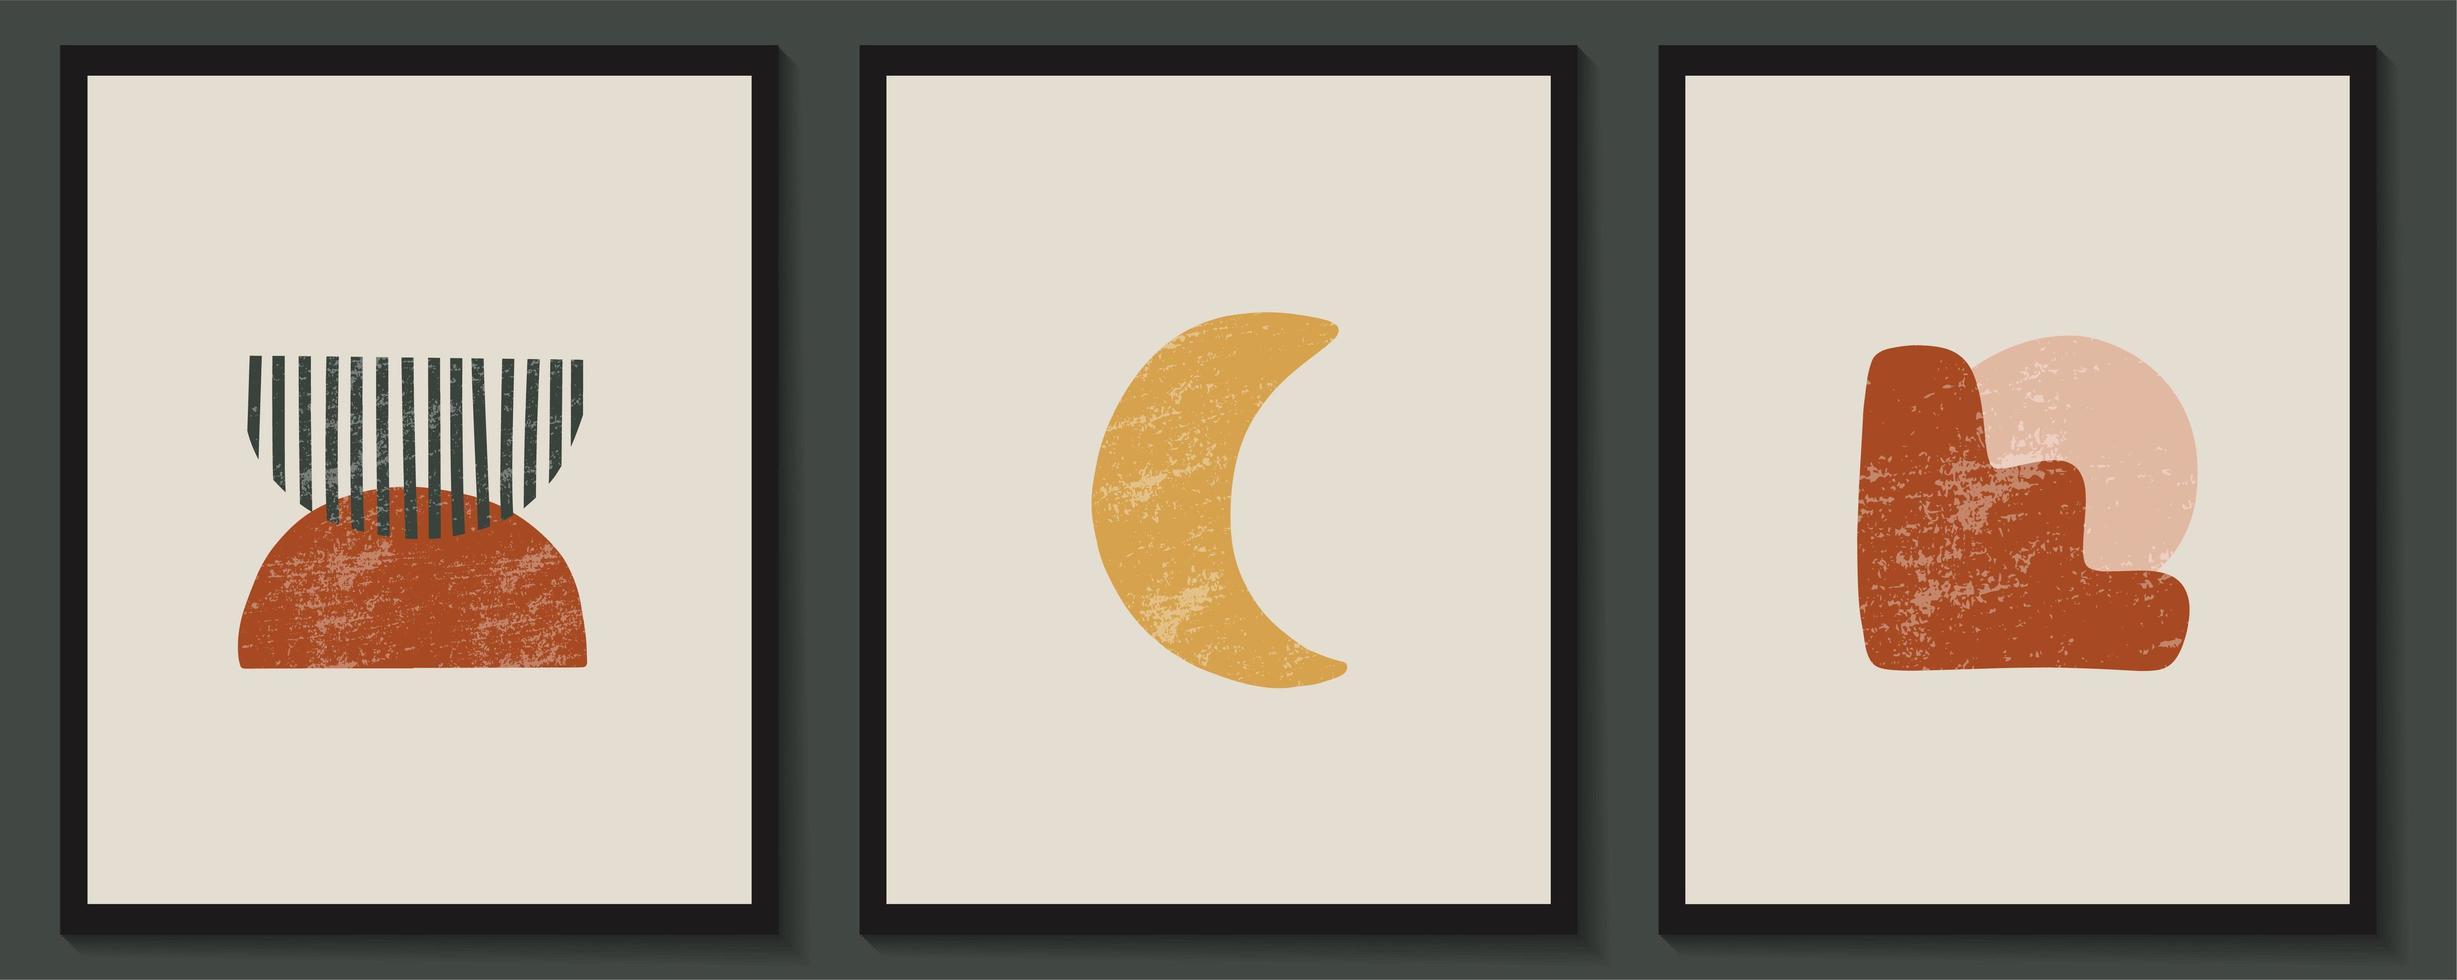 abstrakte zeitgenössische ästhetische Plakate mit geometrischen Formen vektor